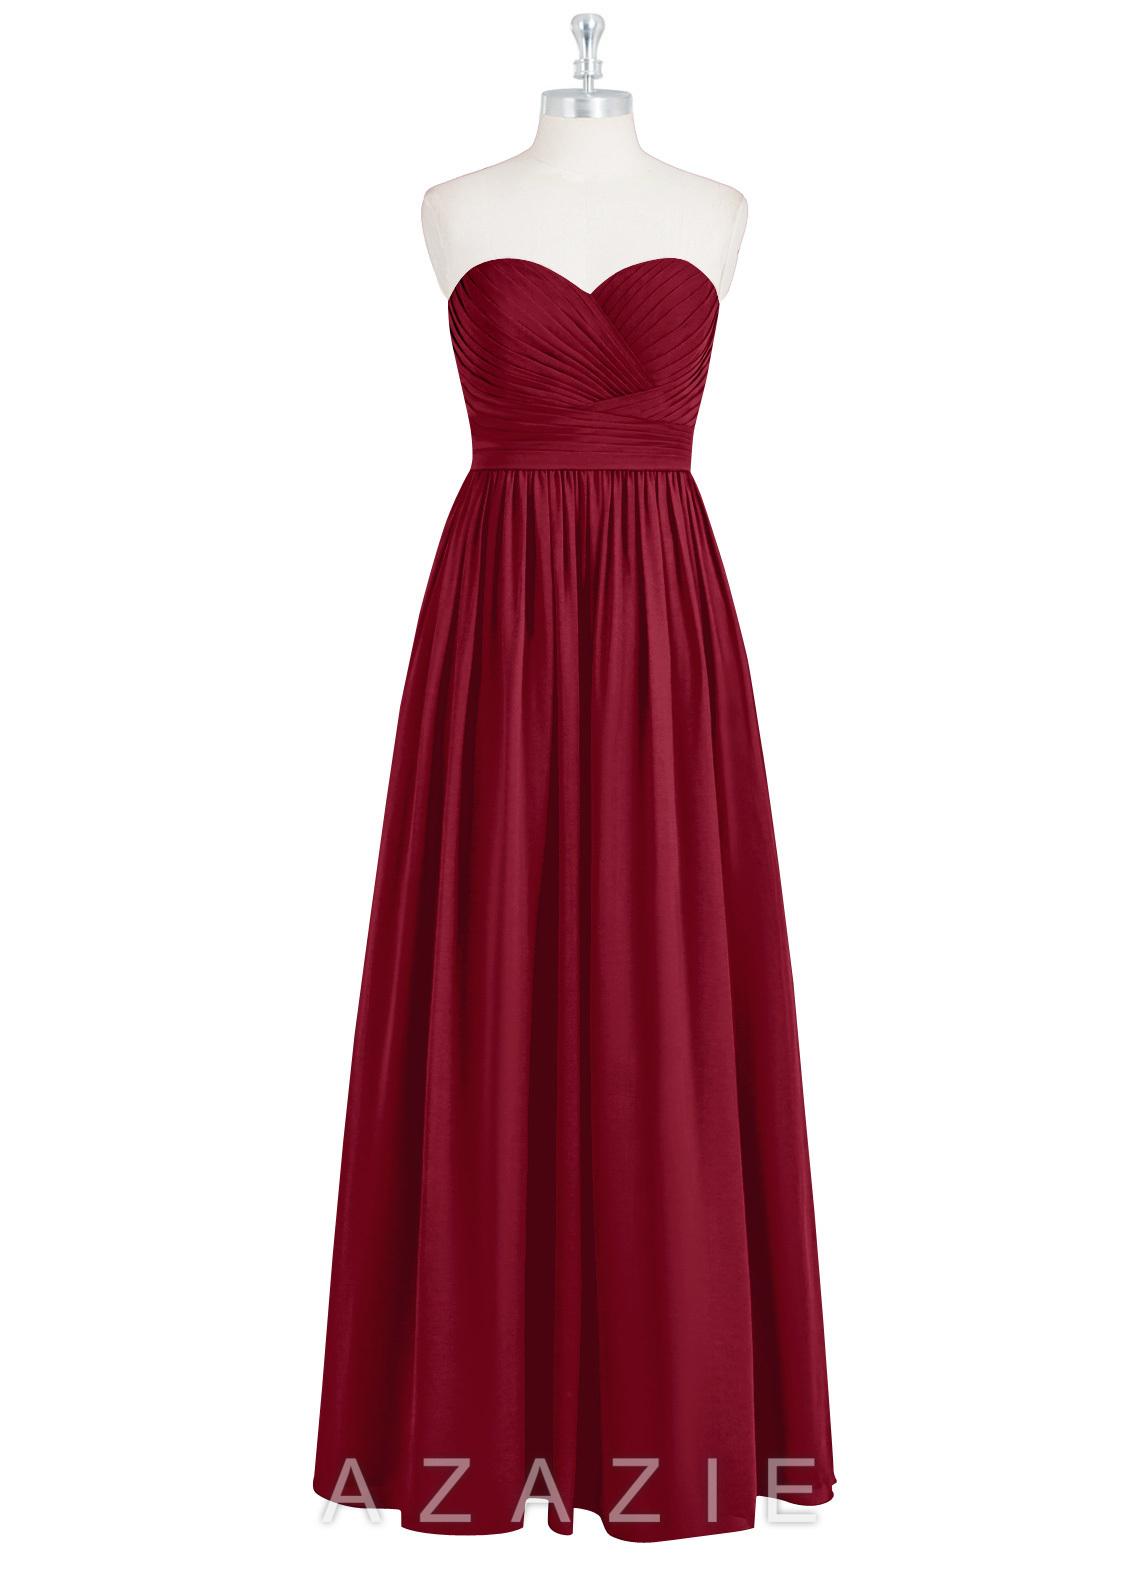 4ae5393abc4a Azazie Jada Bridesmaid Dress | Azazie